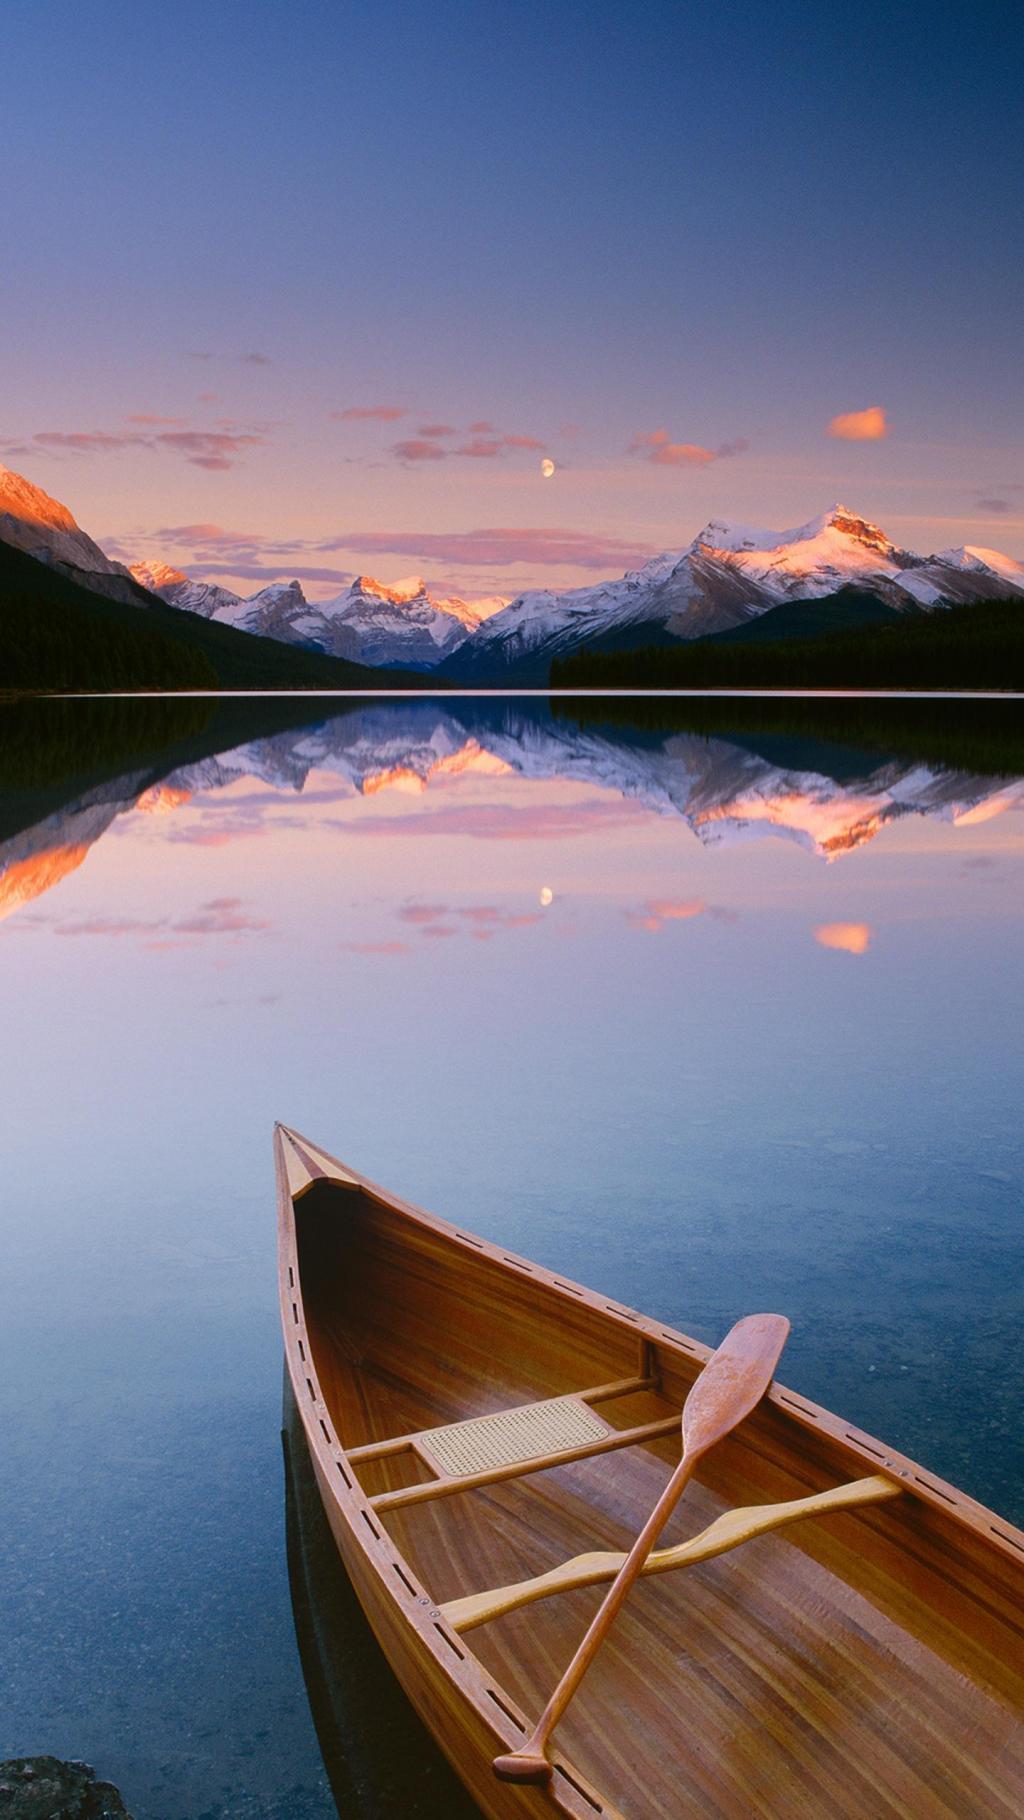 美丽的大自然景观